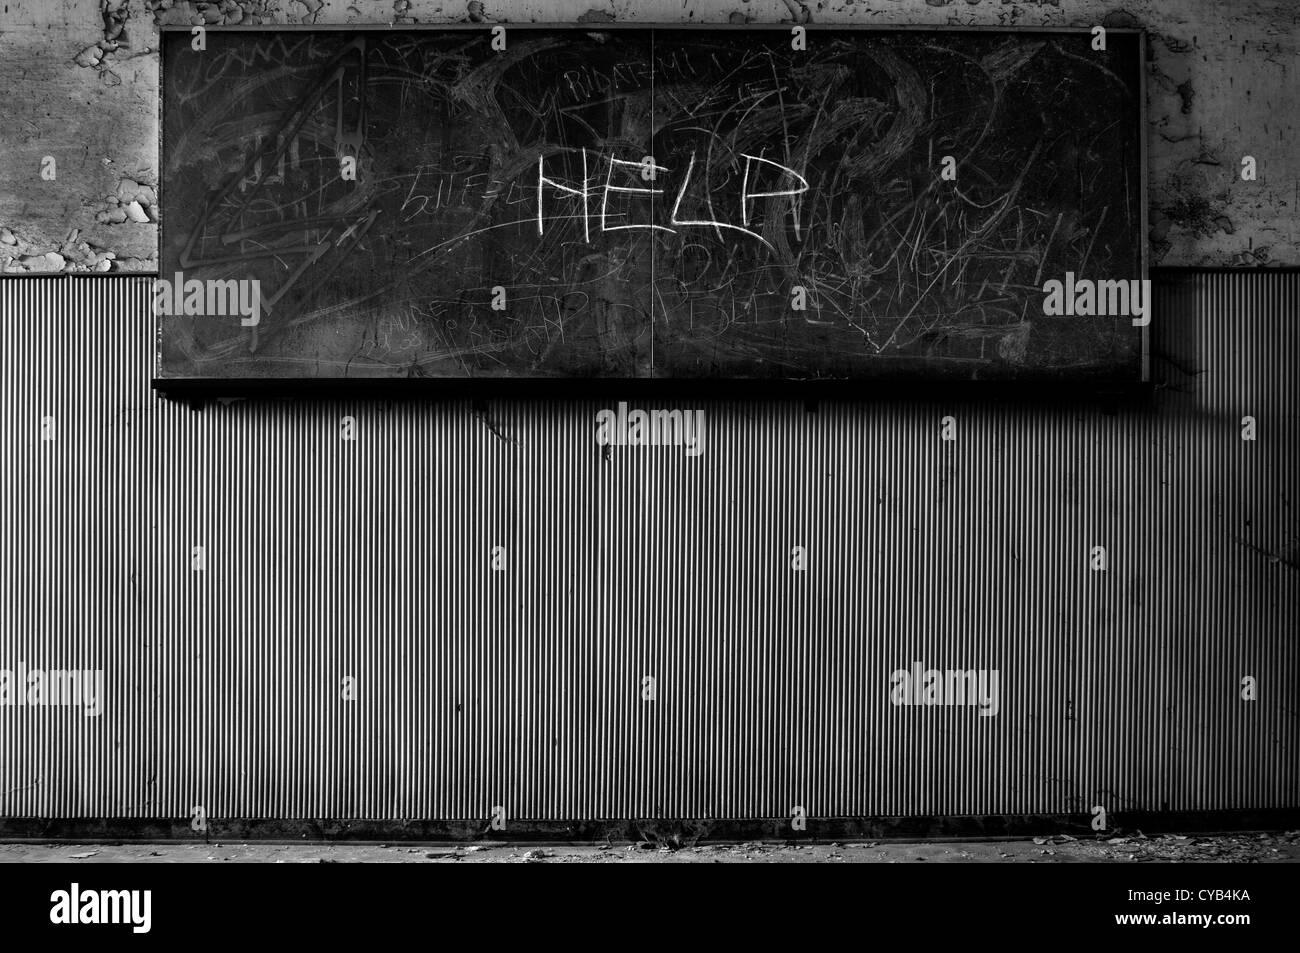 L'Italie. Tableau noir dans l'école abandonnée en ruine Photo Stock